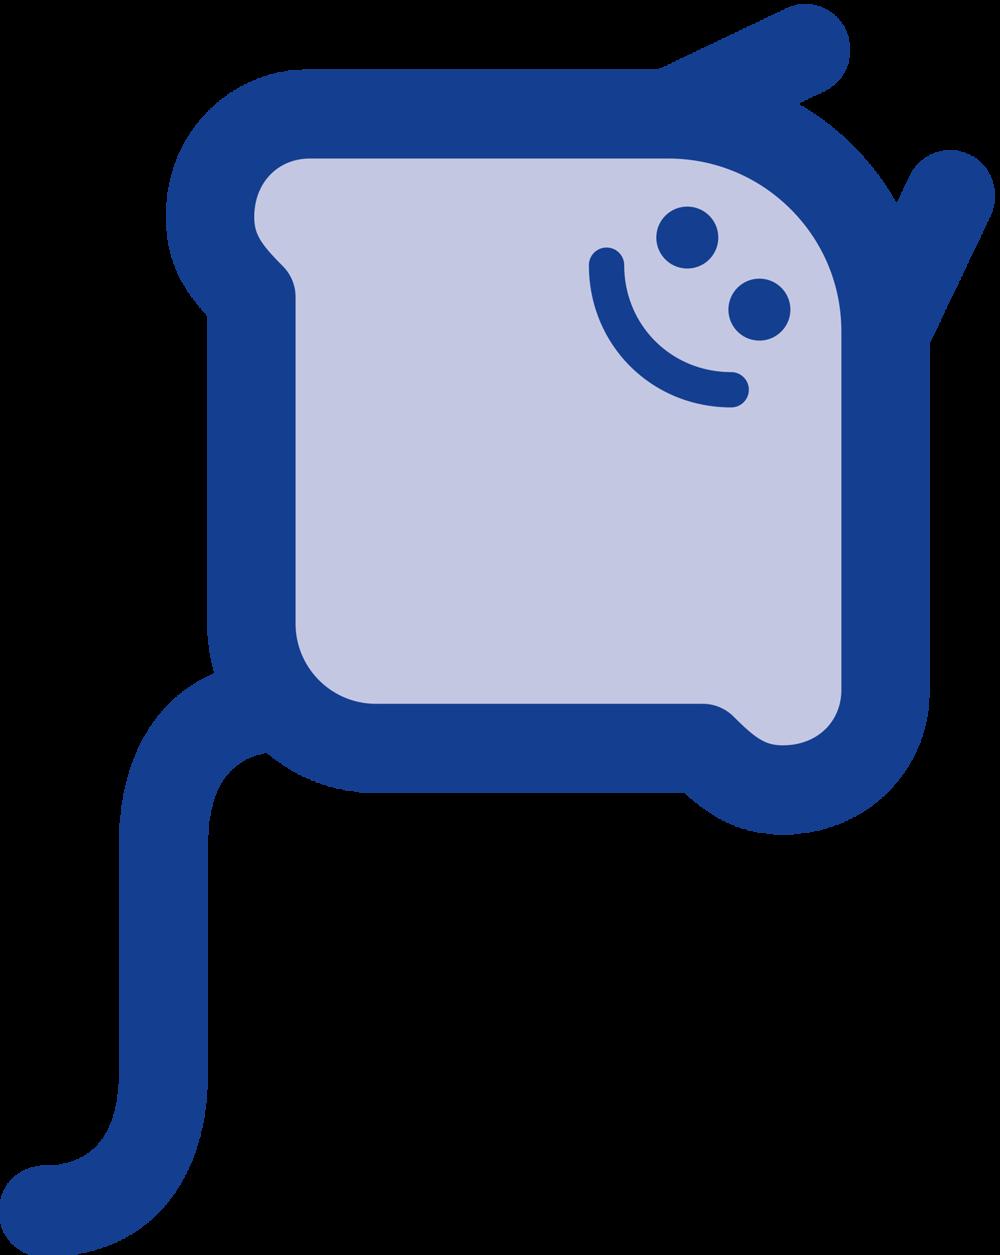 05MantaPlay_Mascot_CC.png